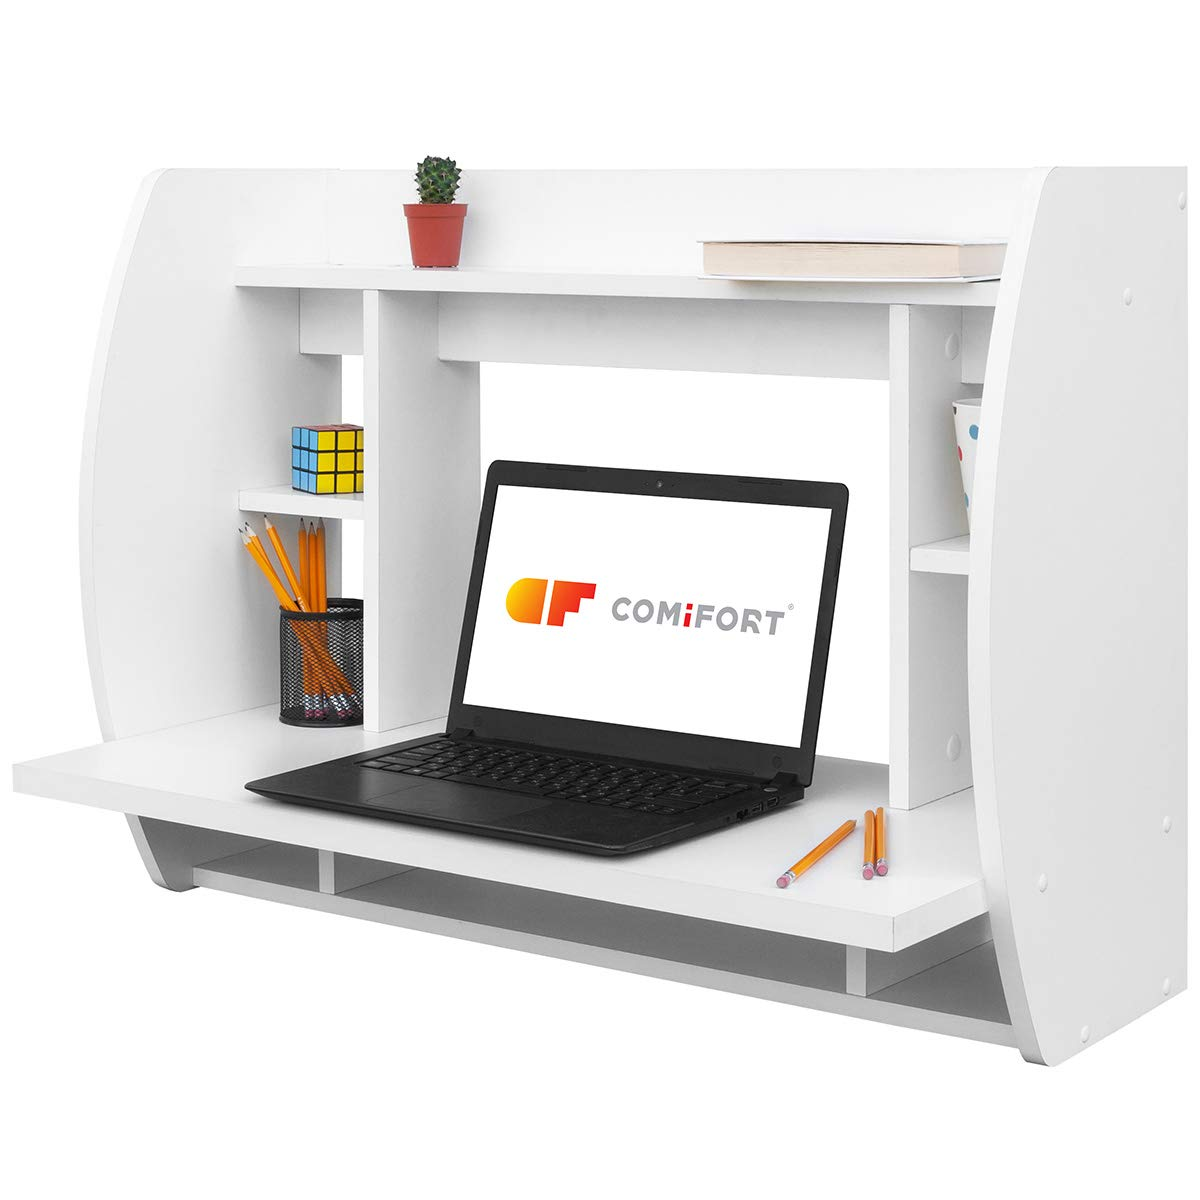 Comifort - Scrivania/tavolo per PC da parete, 82x 39x 60cm bianco